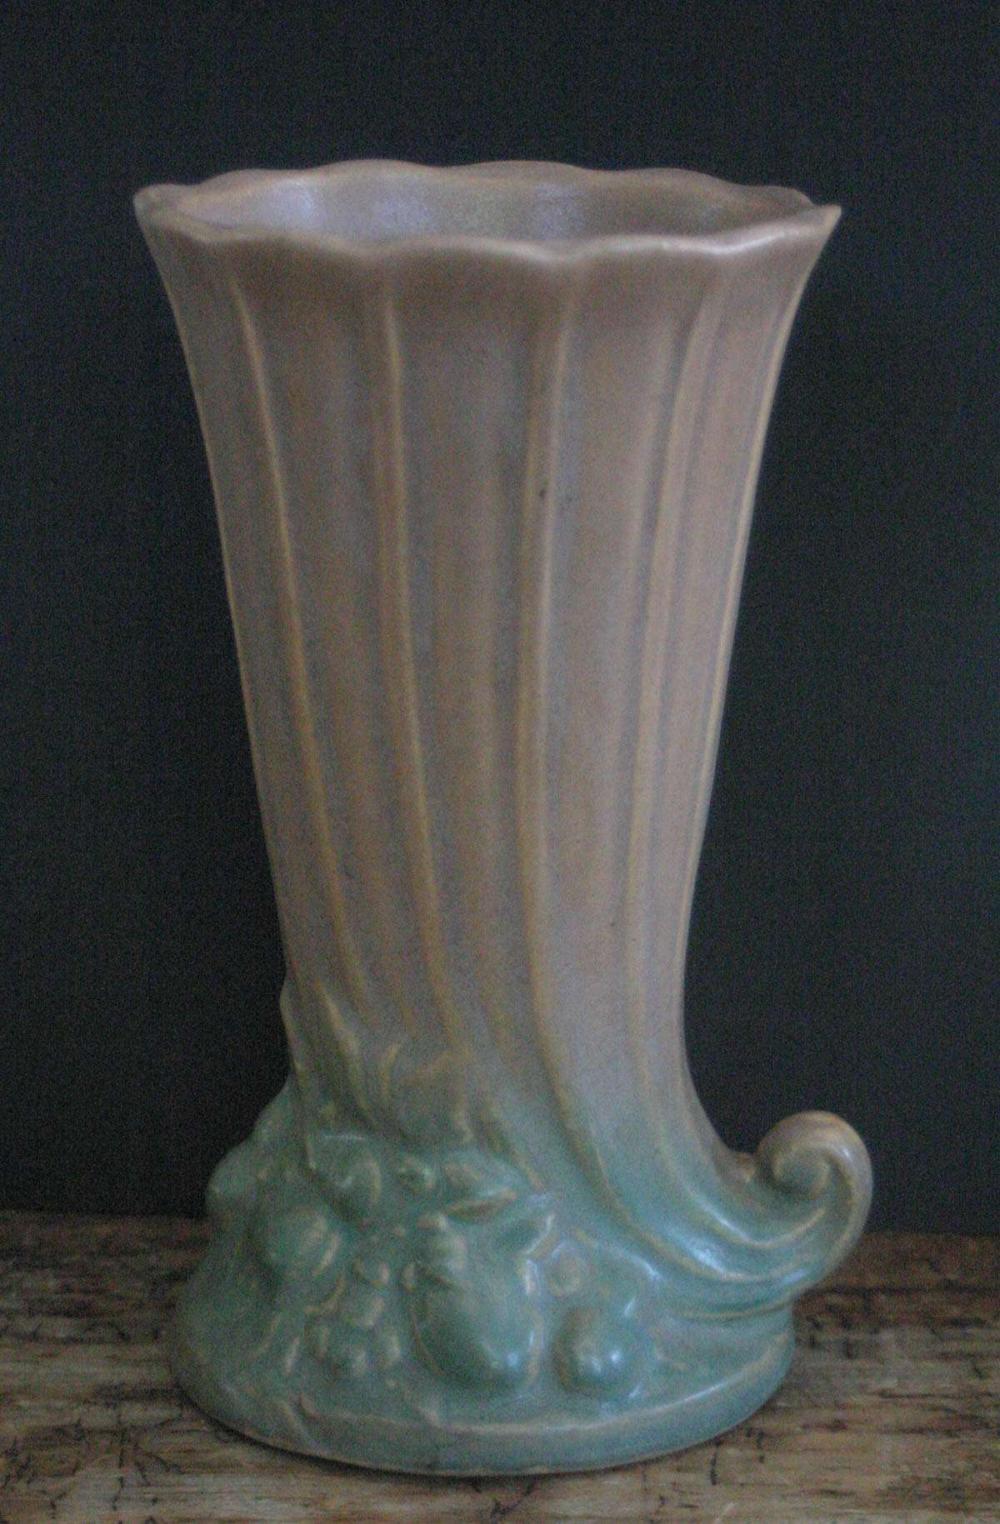 vintage or antique pottery vase